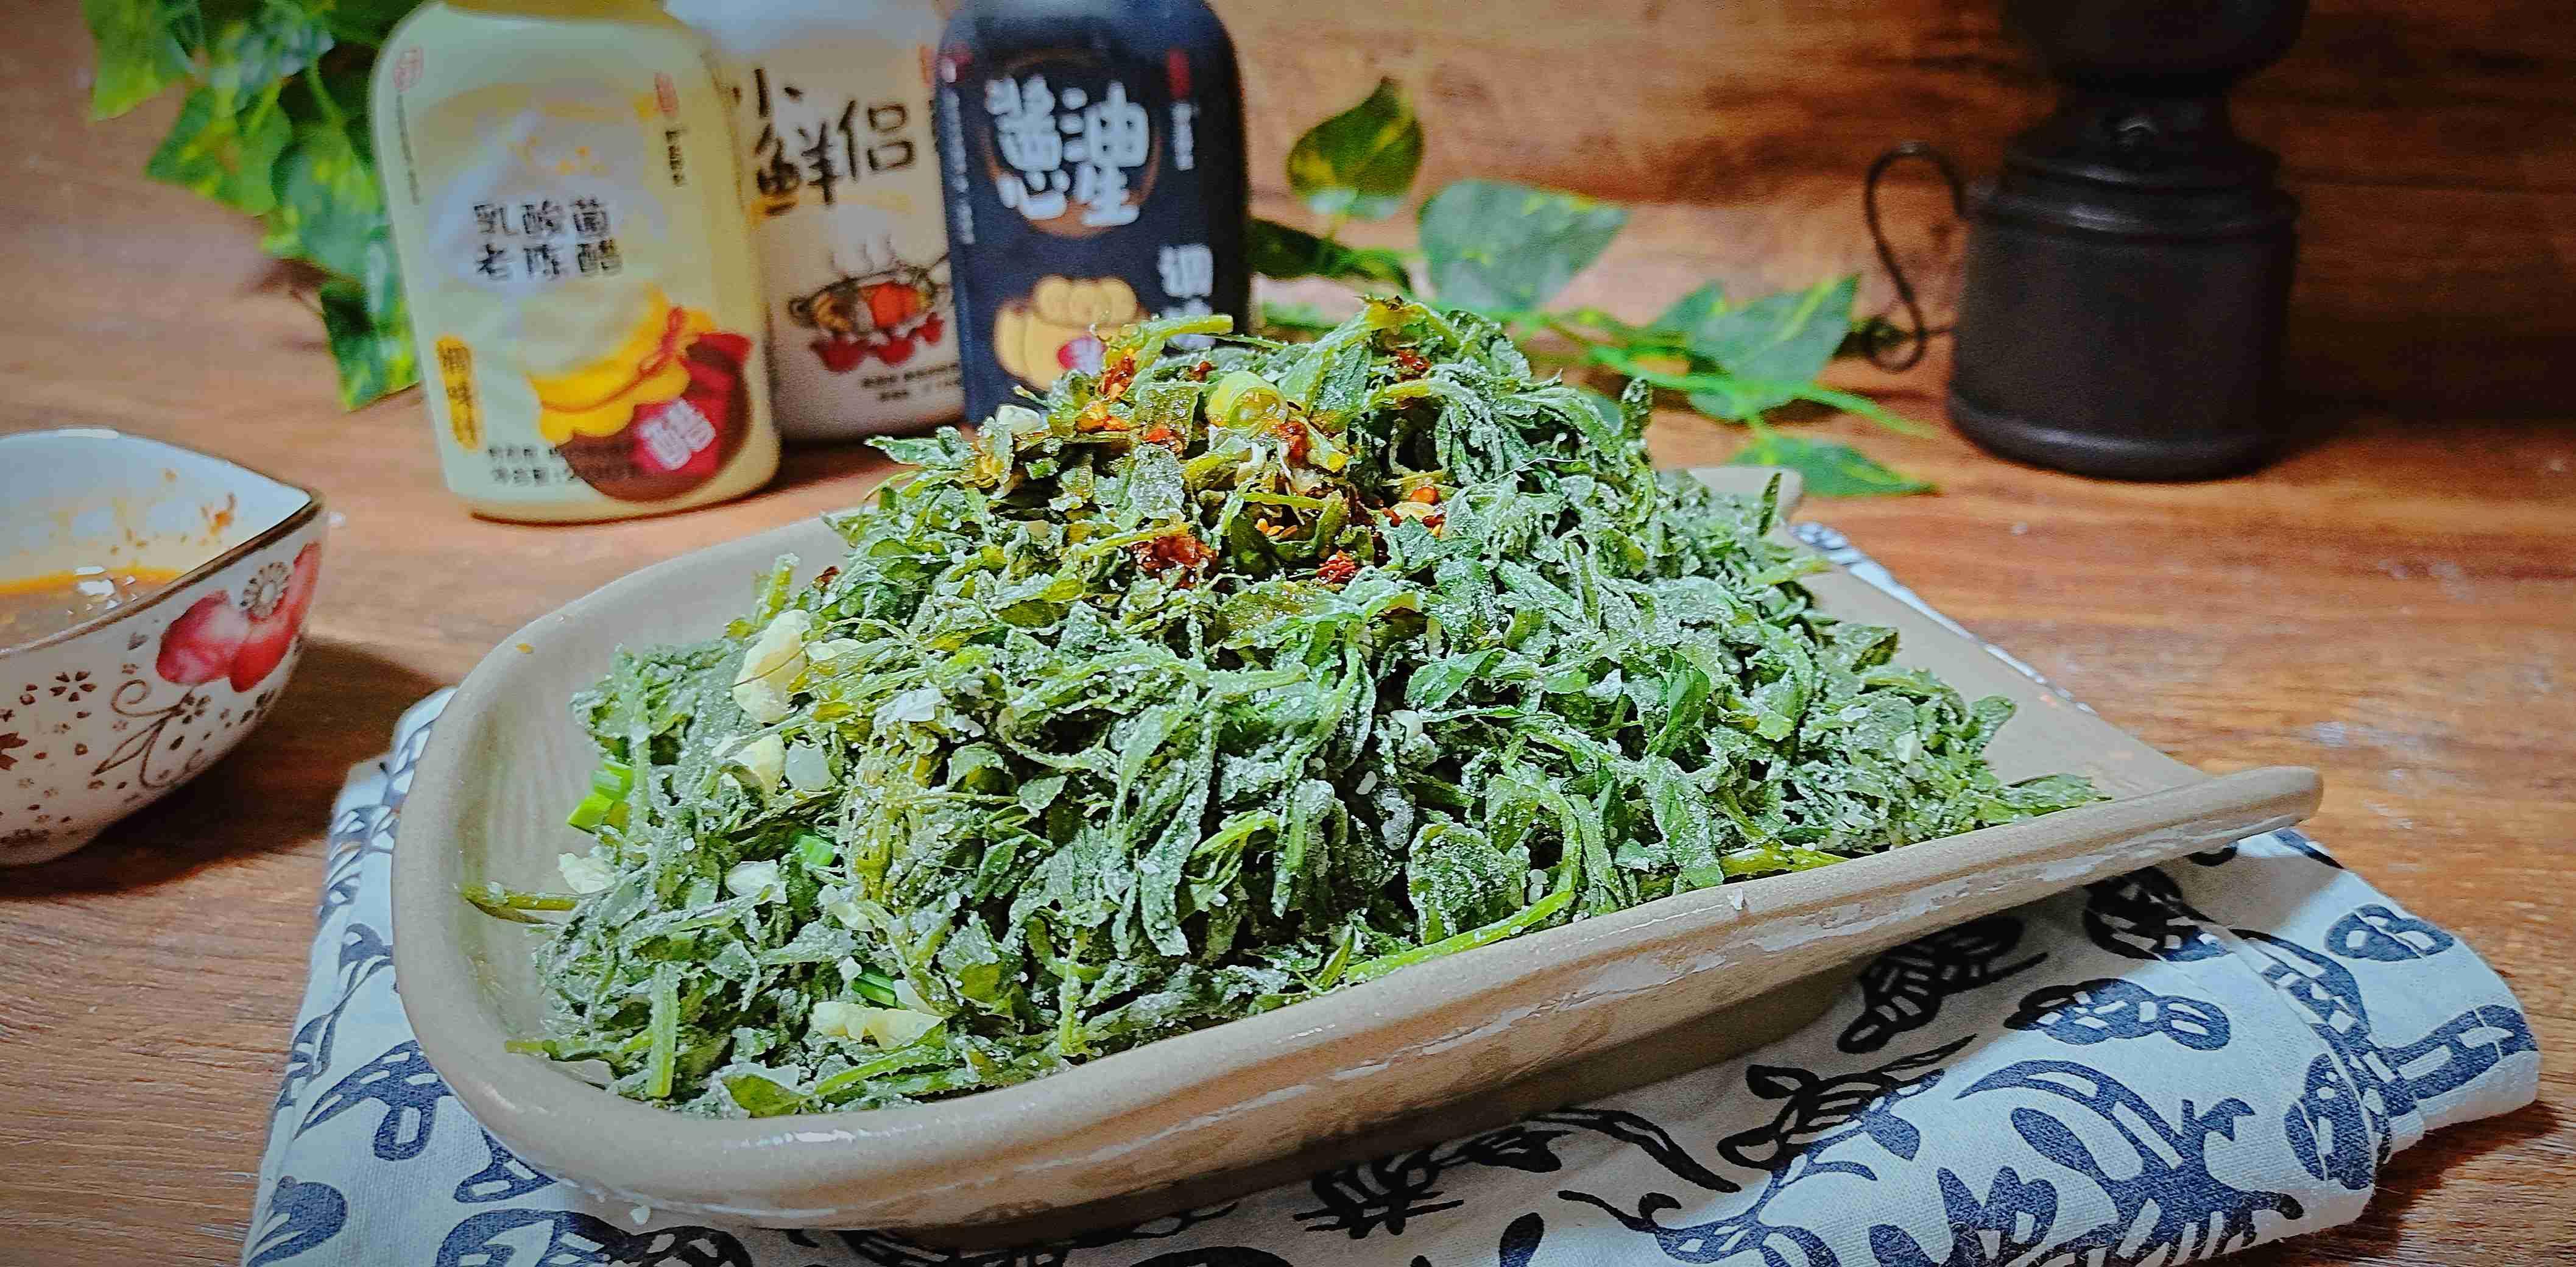 春天不可错过,野菜这样吃味道超赞…蒸豌豆苗成品图